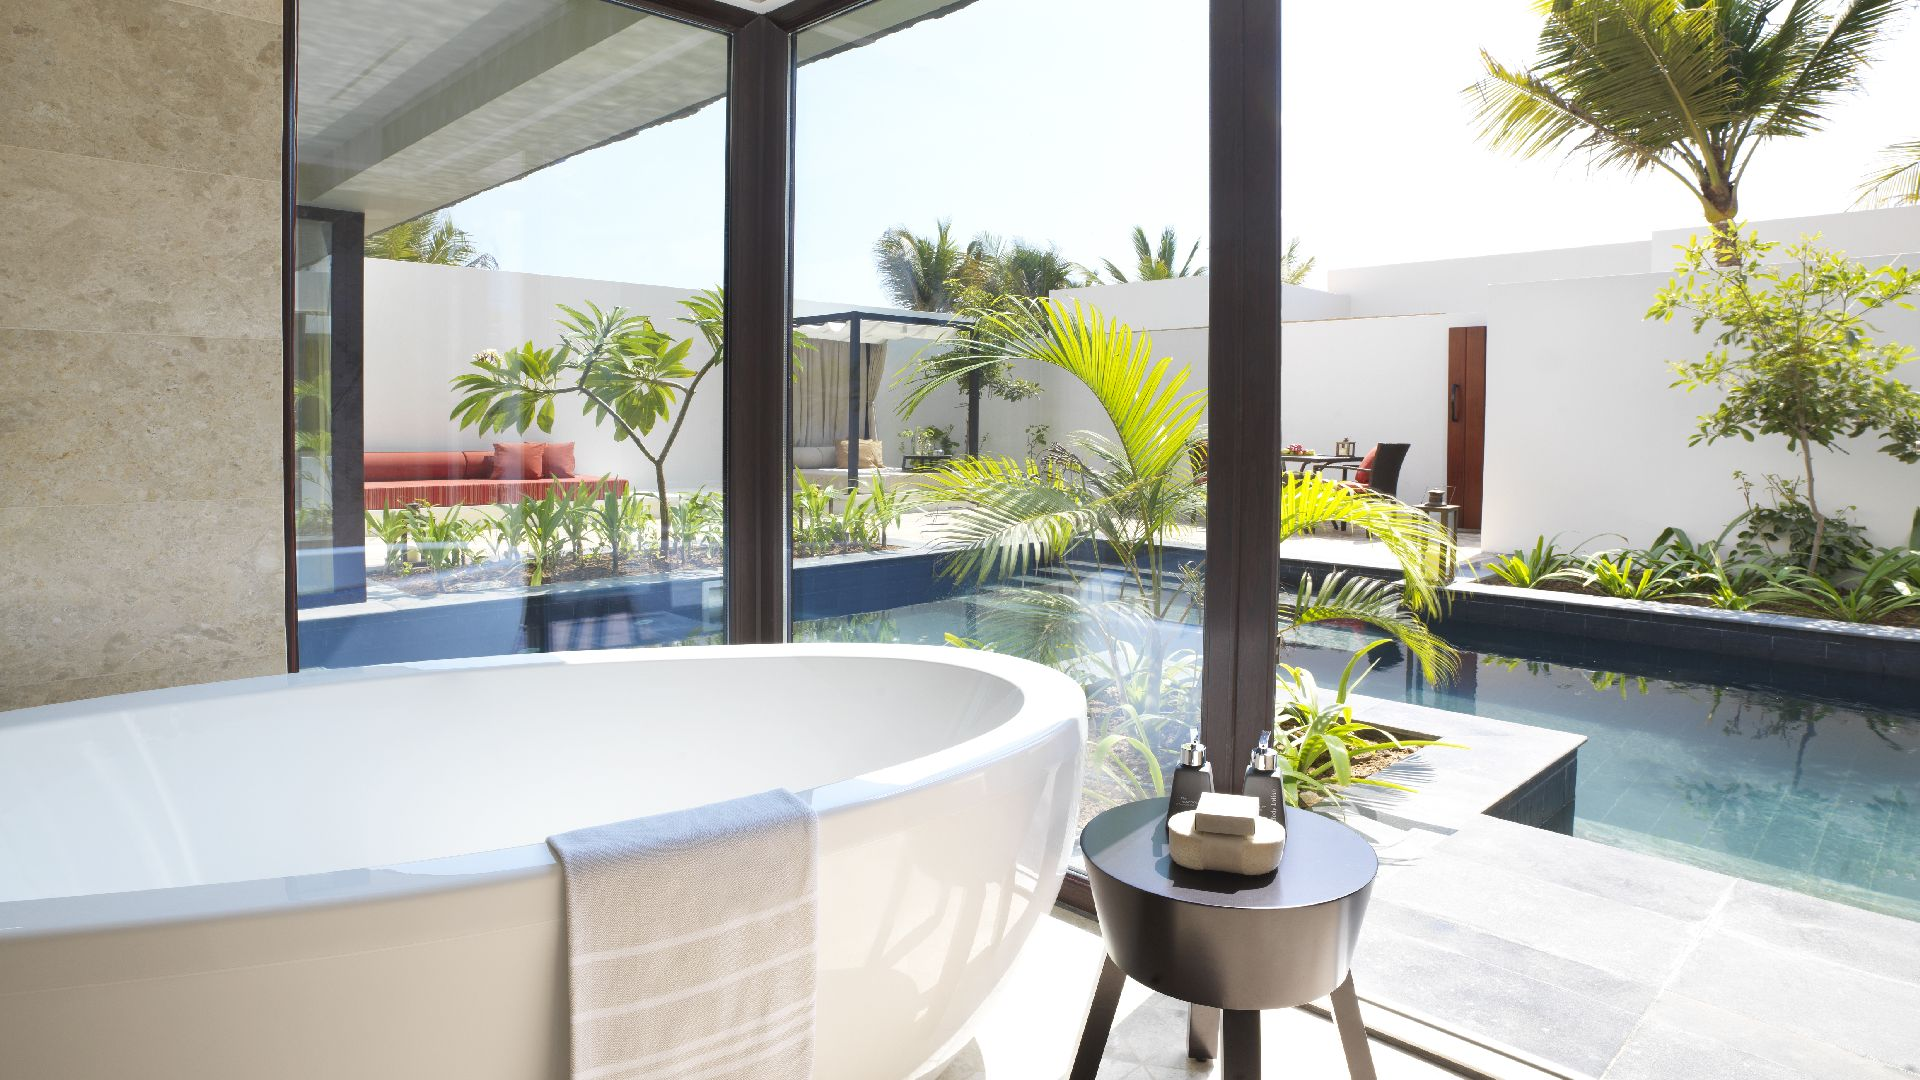 Pool Garten Gestaltung Schön E Bedroom Garden View Pool Villa Bathroom the Luxe